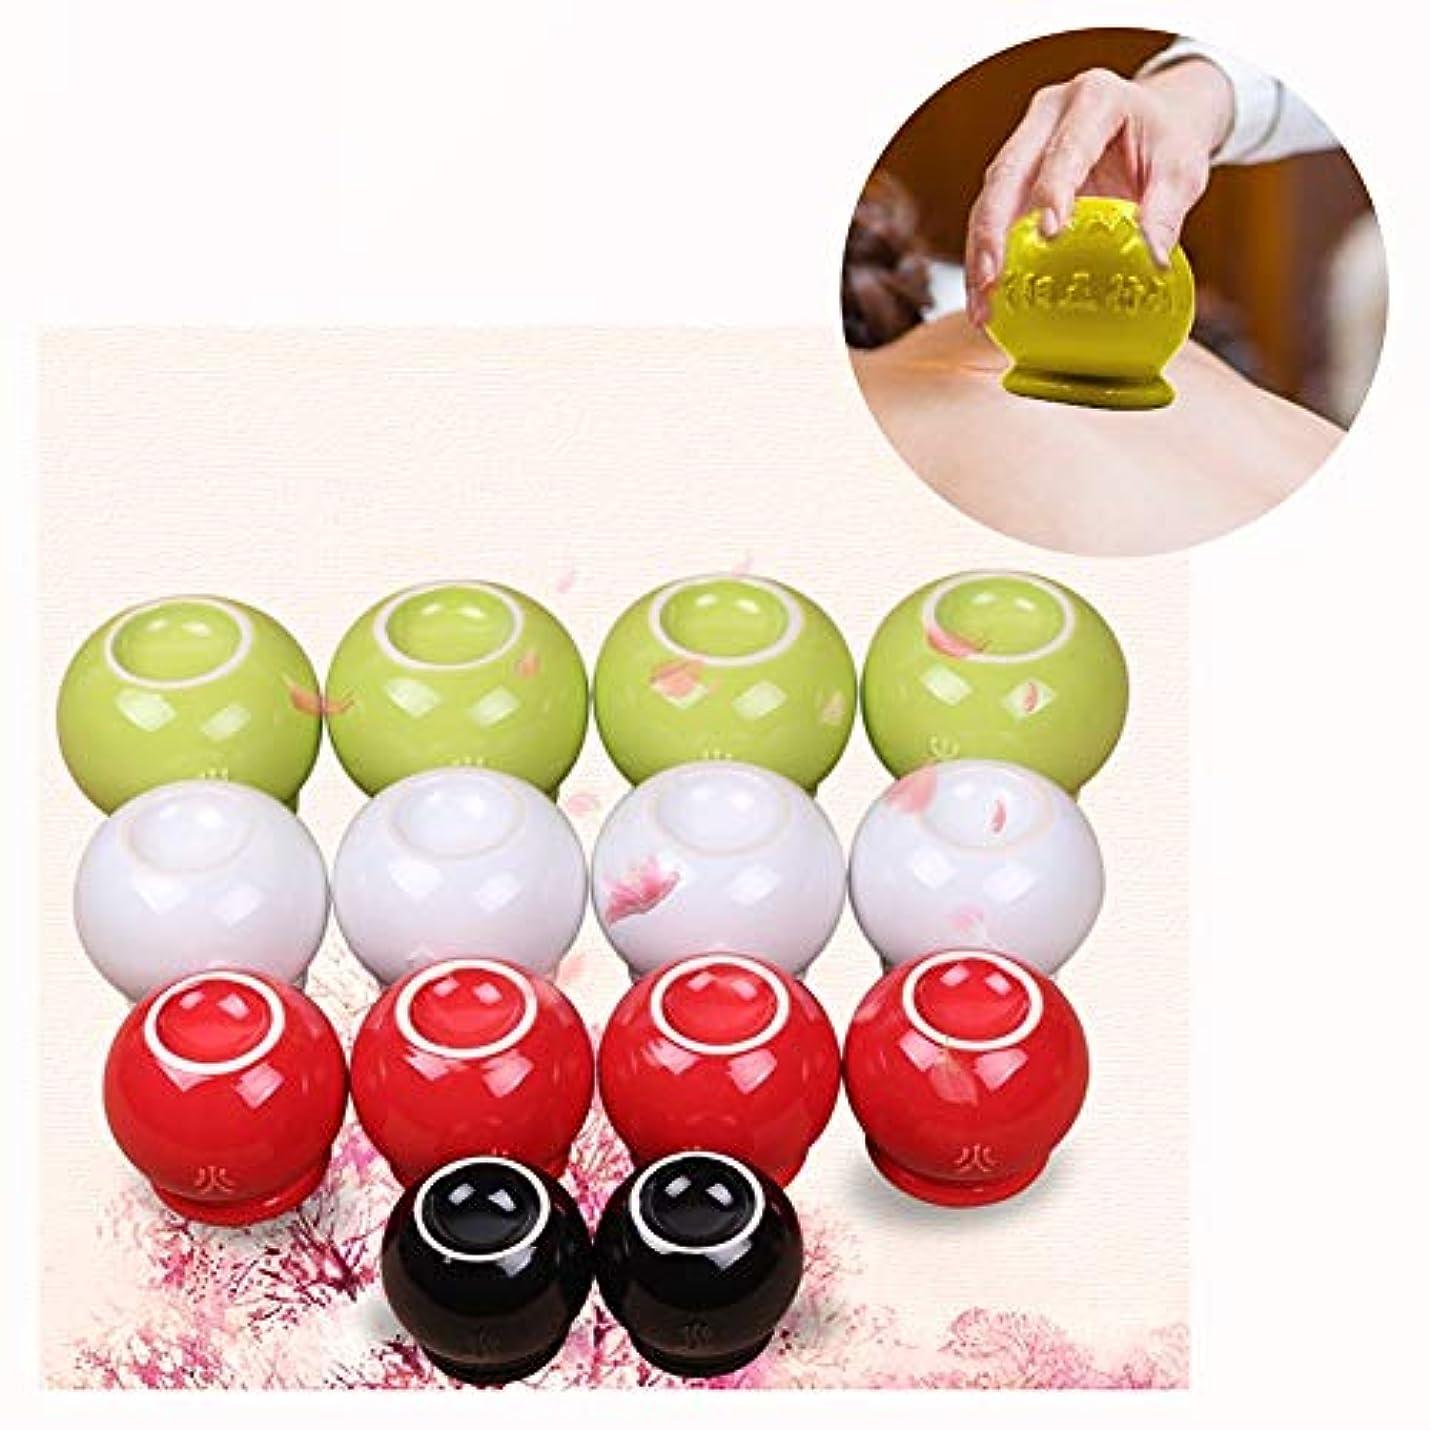 行エネルギー灸セラミックスポット缶 - 真空カッピングマッサージ療法セット - 鍼治療,A14pcs